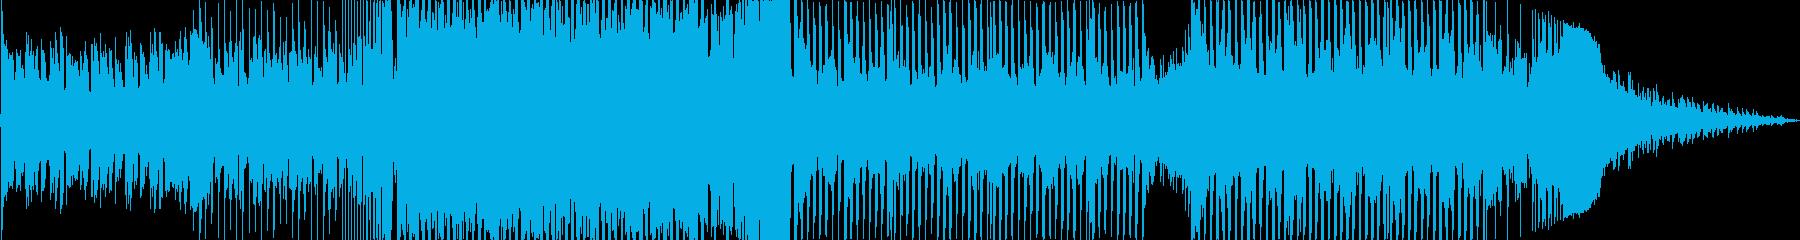 ピアノがメインのEDMヒーリングハウスの再生済みの波形